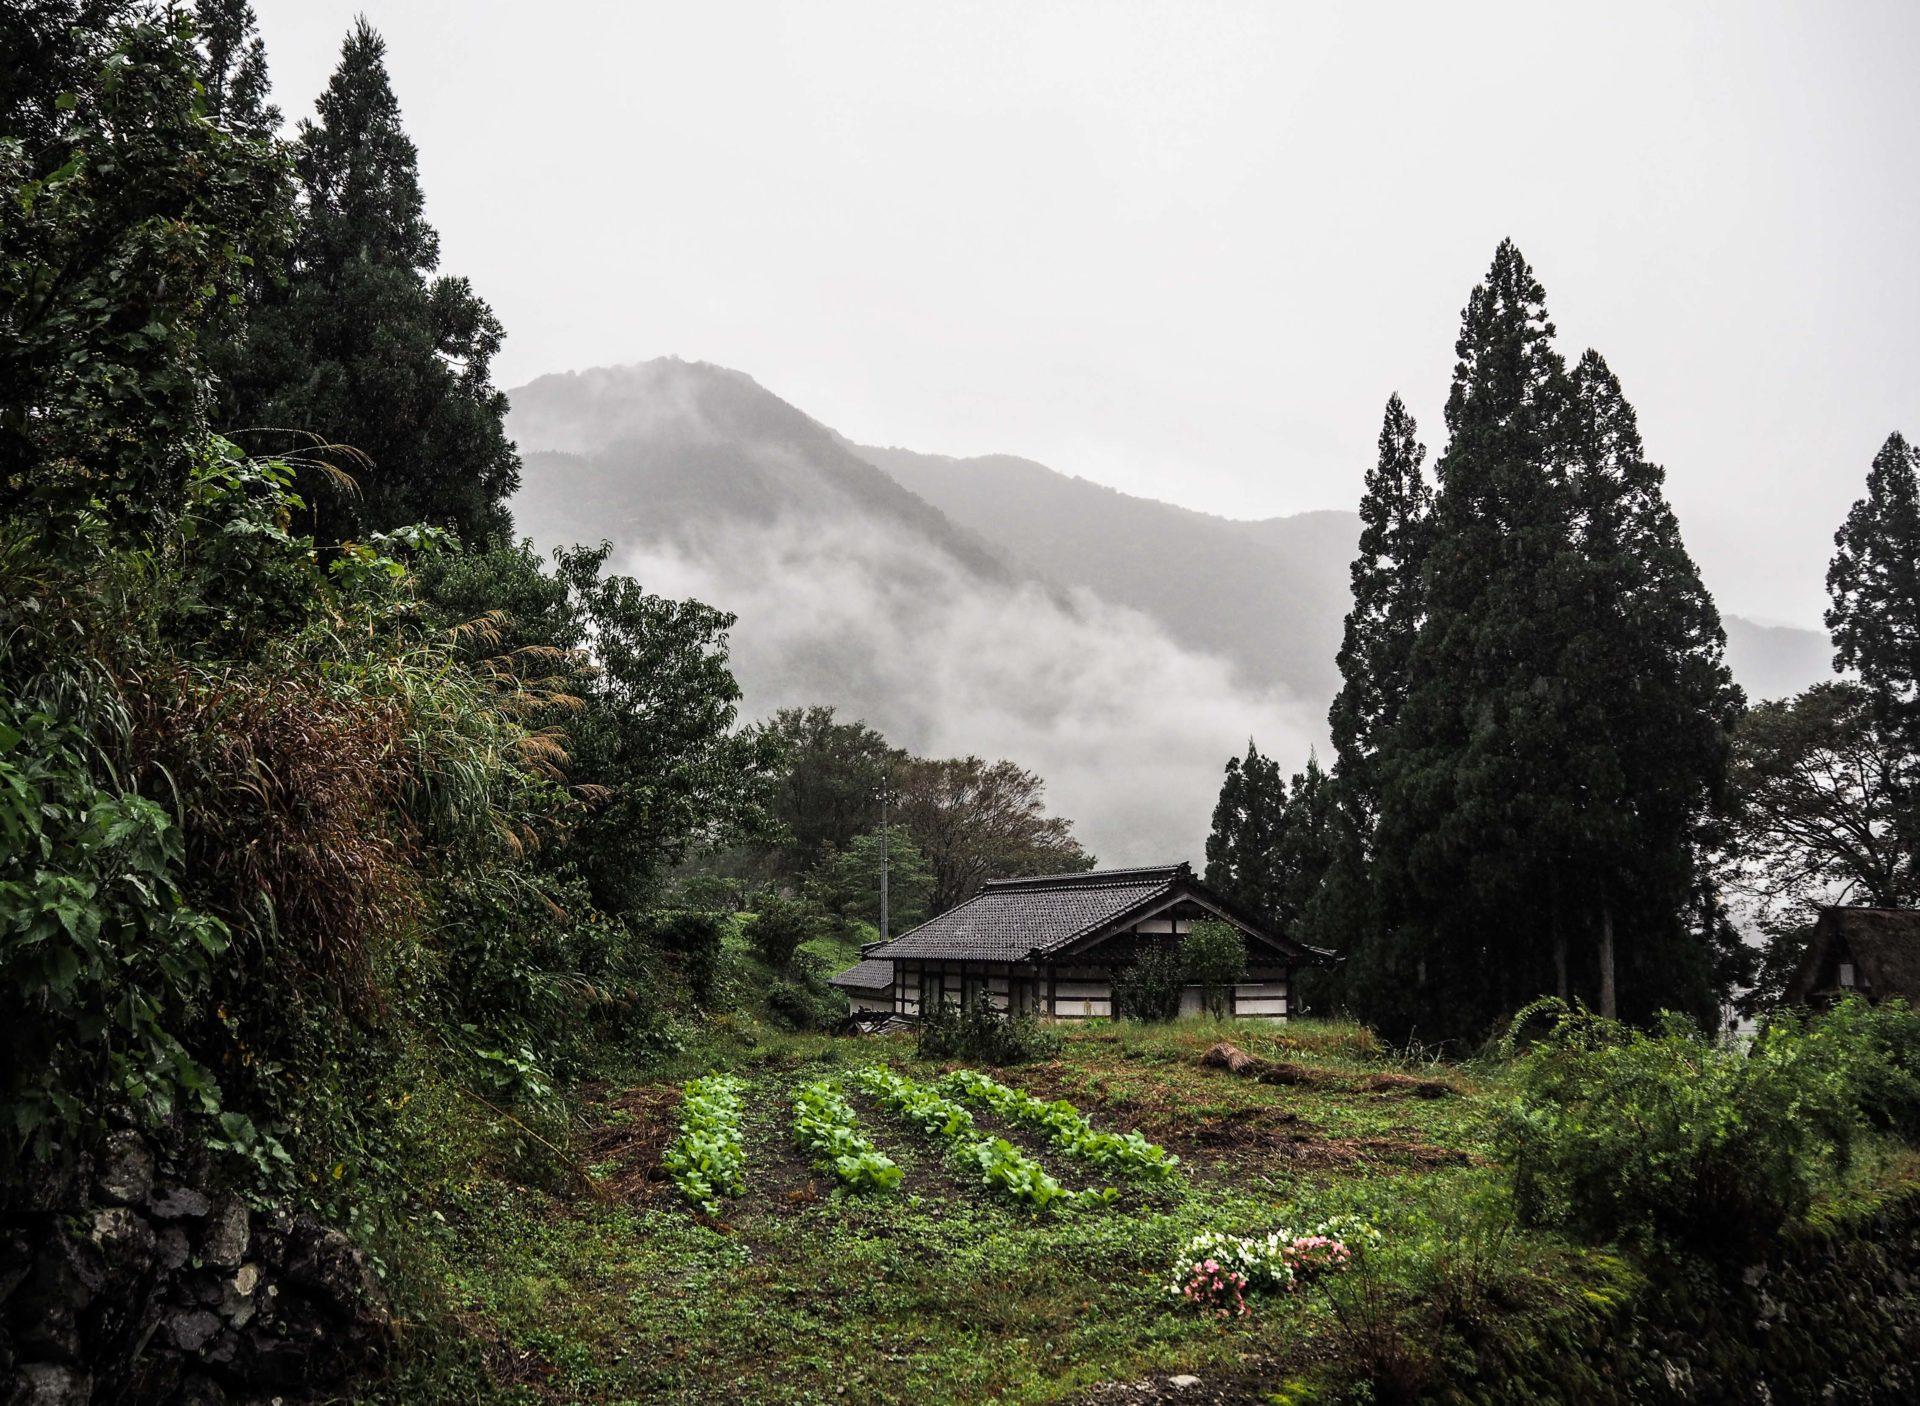 Le village traditionnel de Gokayama - Préfecture de Toyama, porte d'entrée vers les Alpes Japonaises - Voyager au Japon hors des sentiers battus